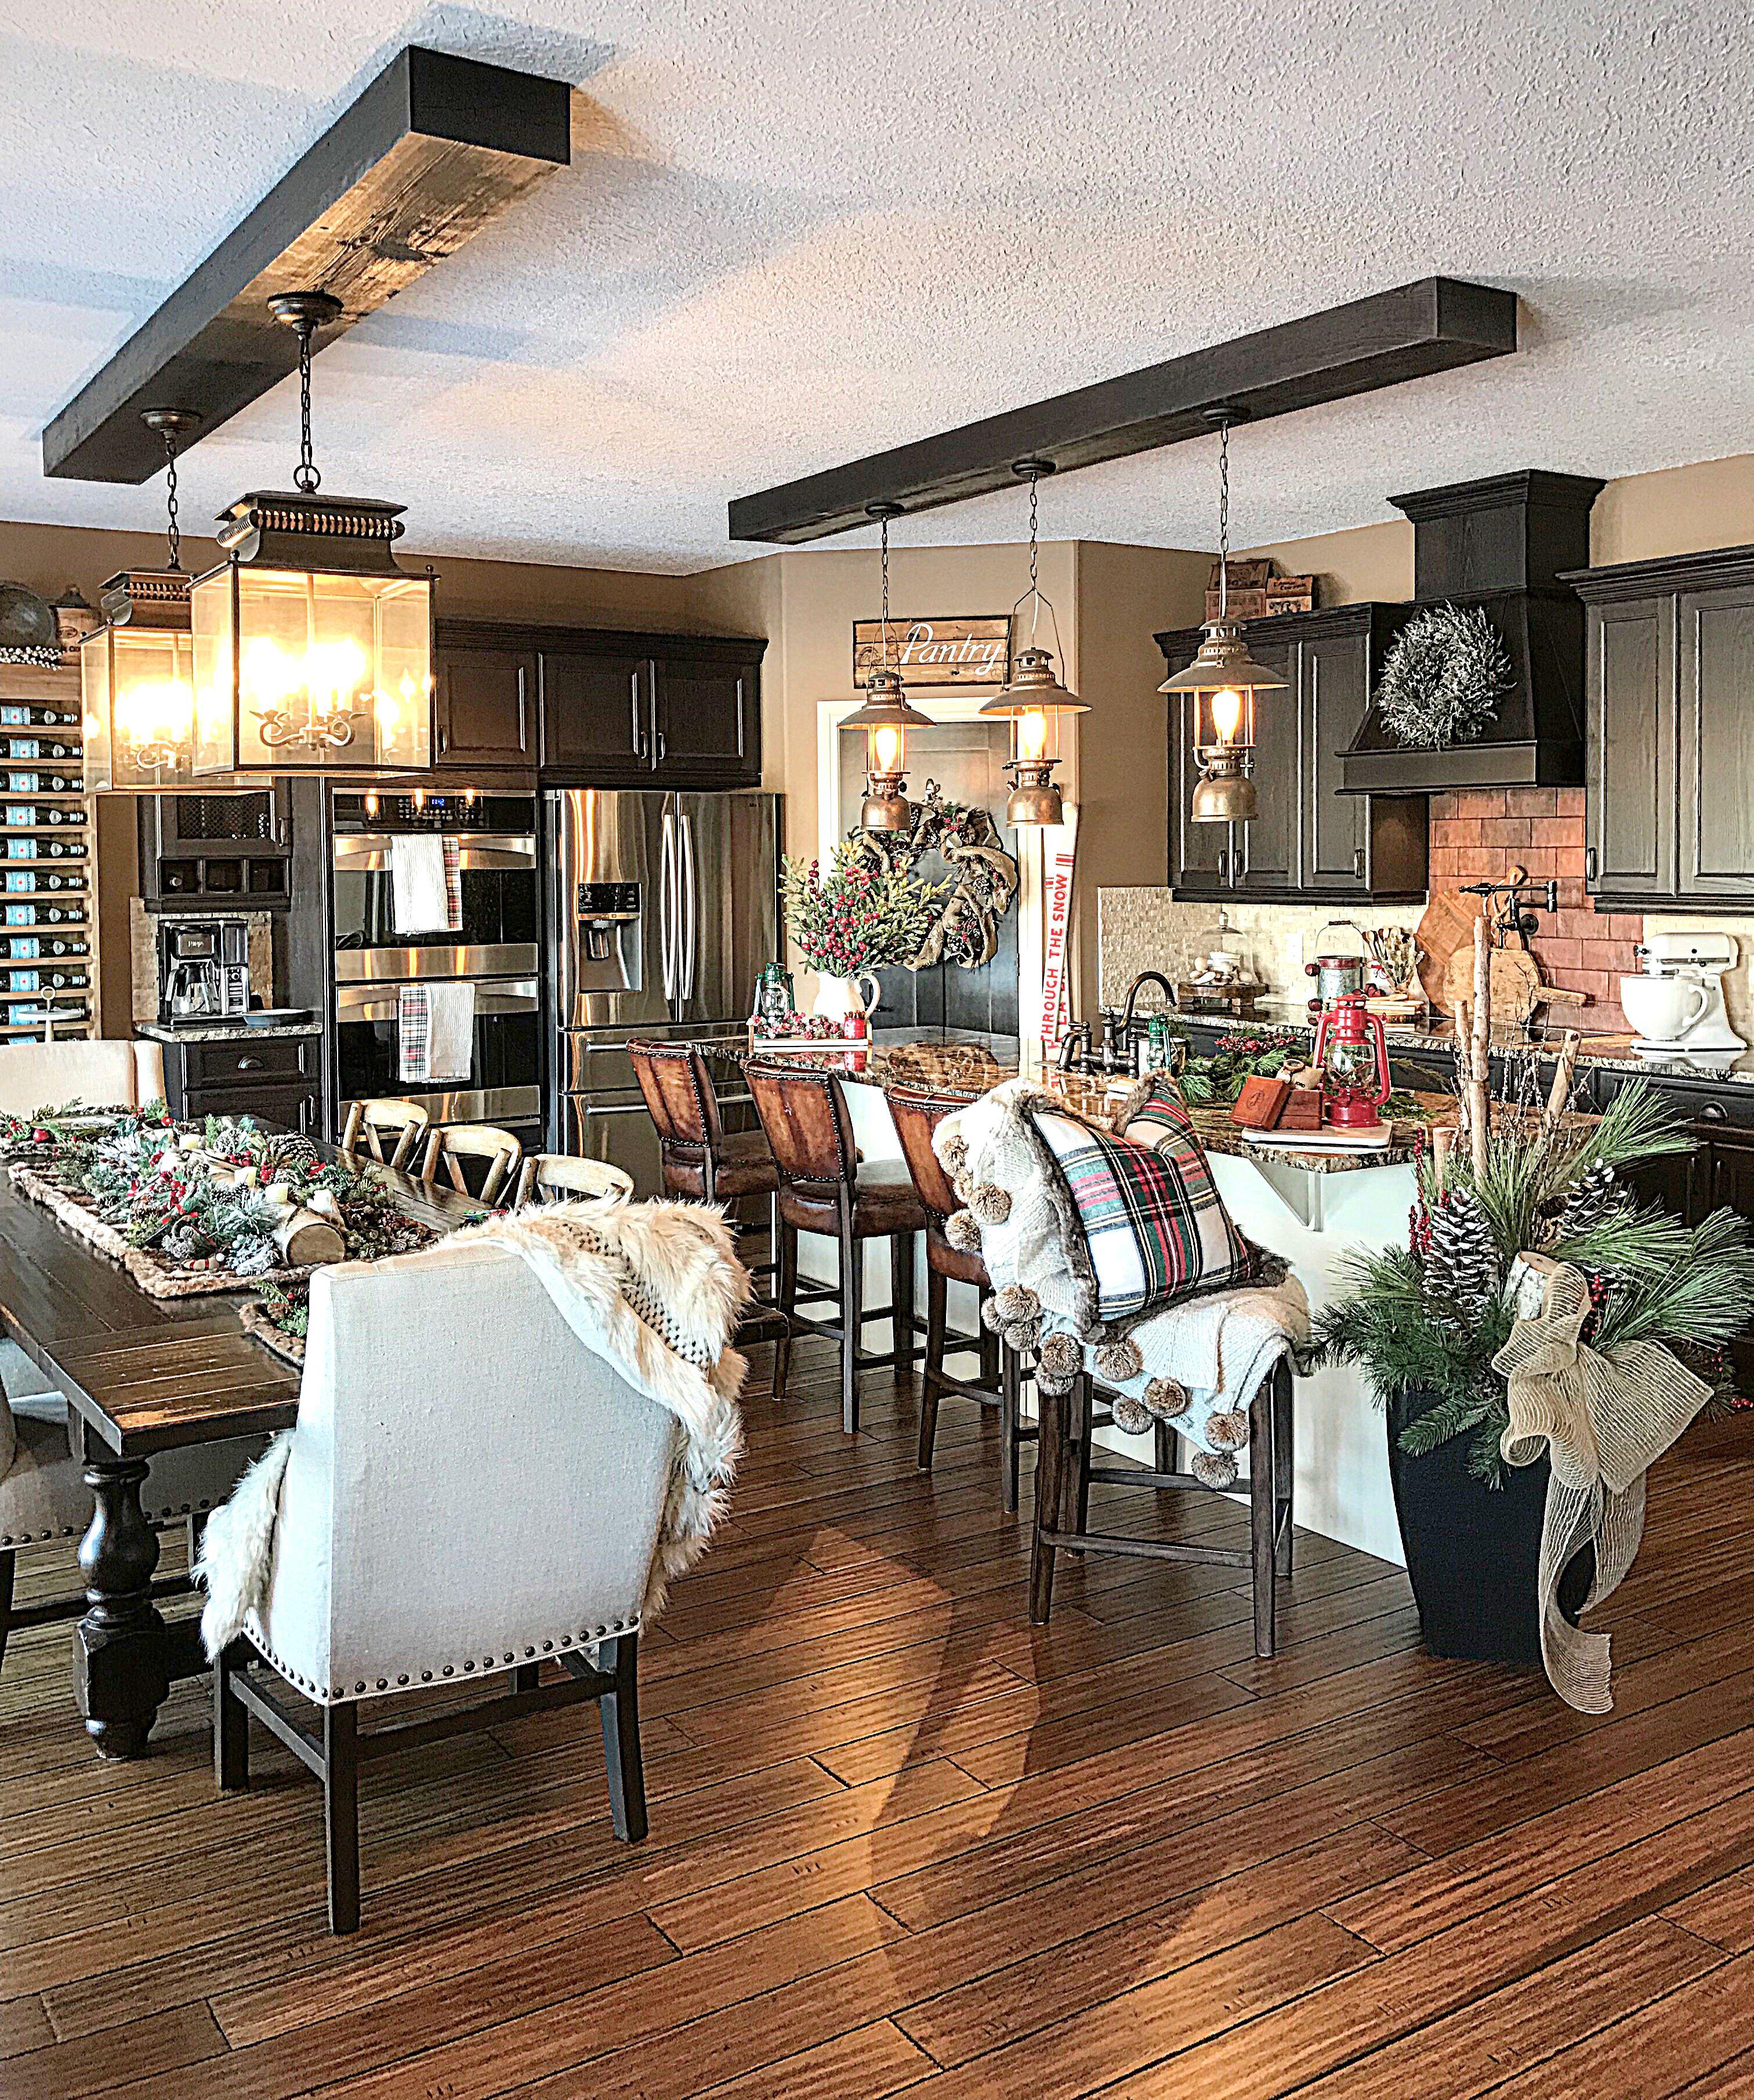 christmas kitchendesign kitchenideas farmhouse farmhousestyle farmhousedecor homedecor on farmhouse kitchen xmas id=94933